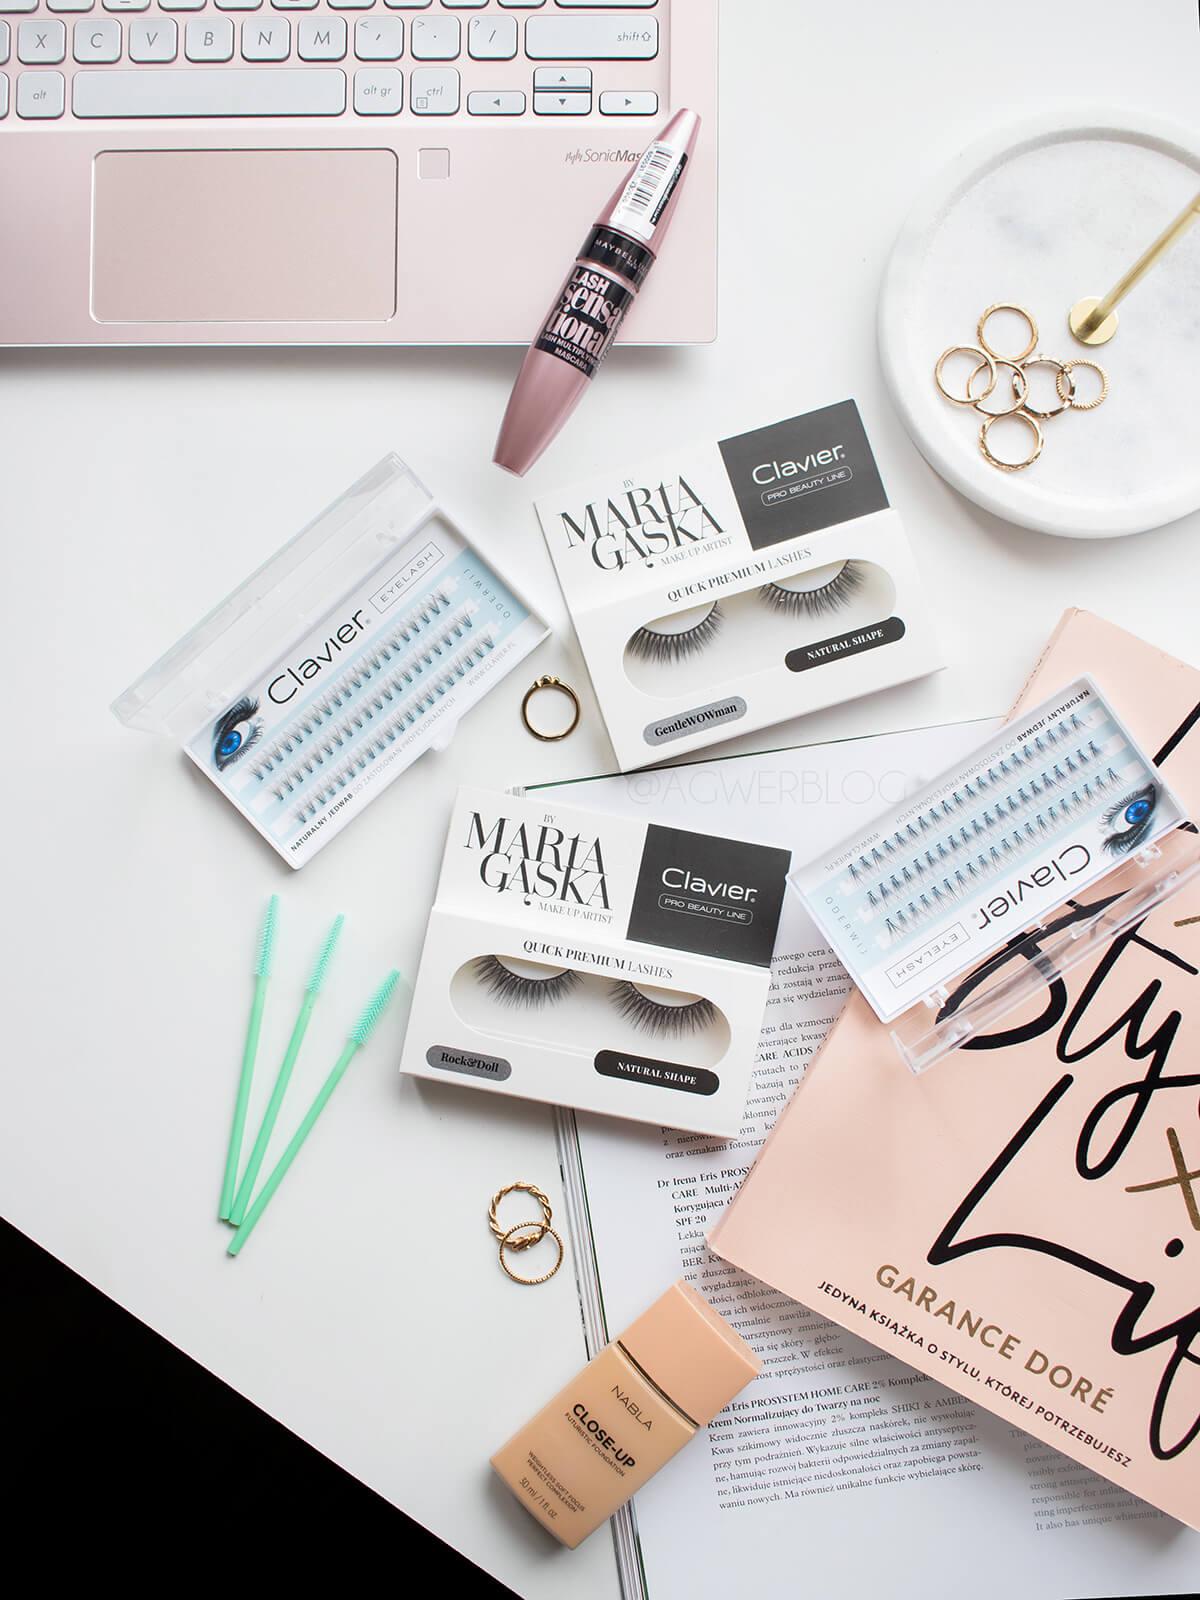 zakupy kosmetyczne online opinie